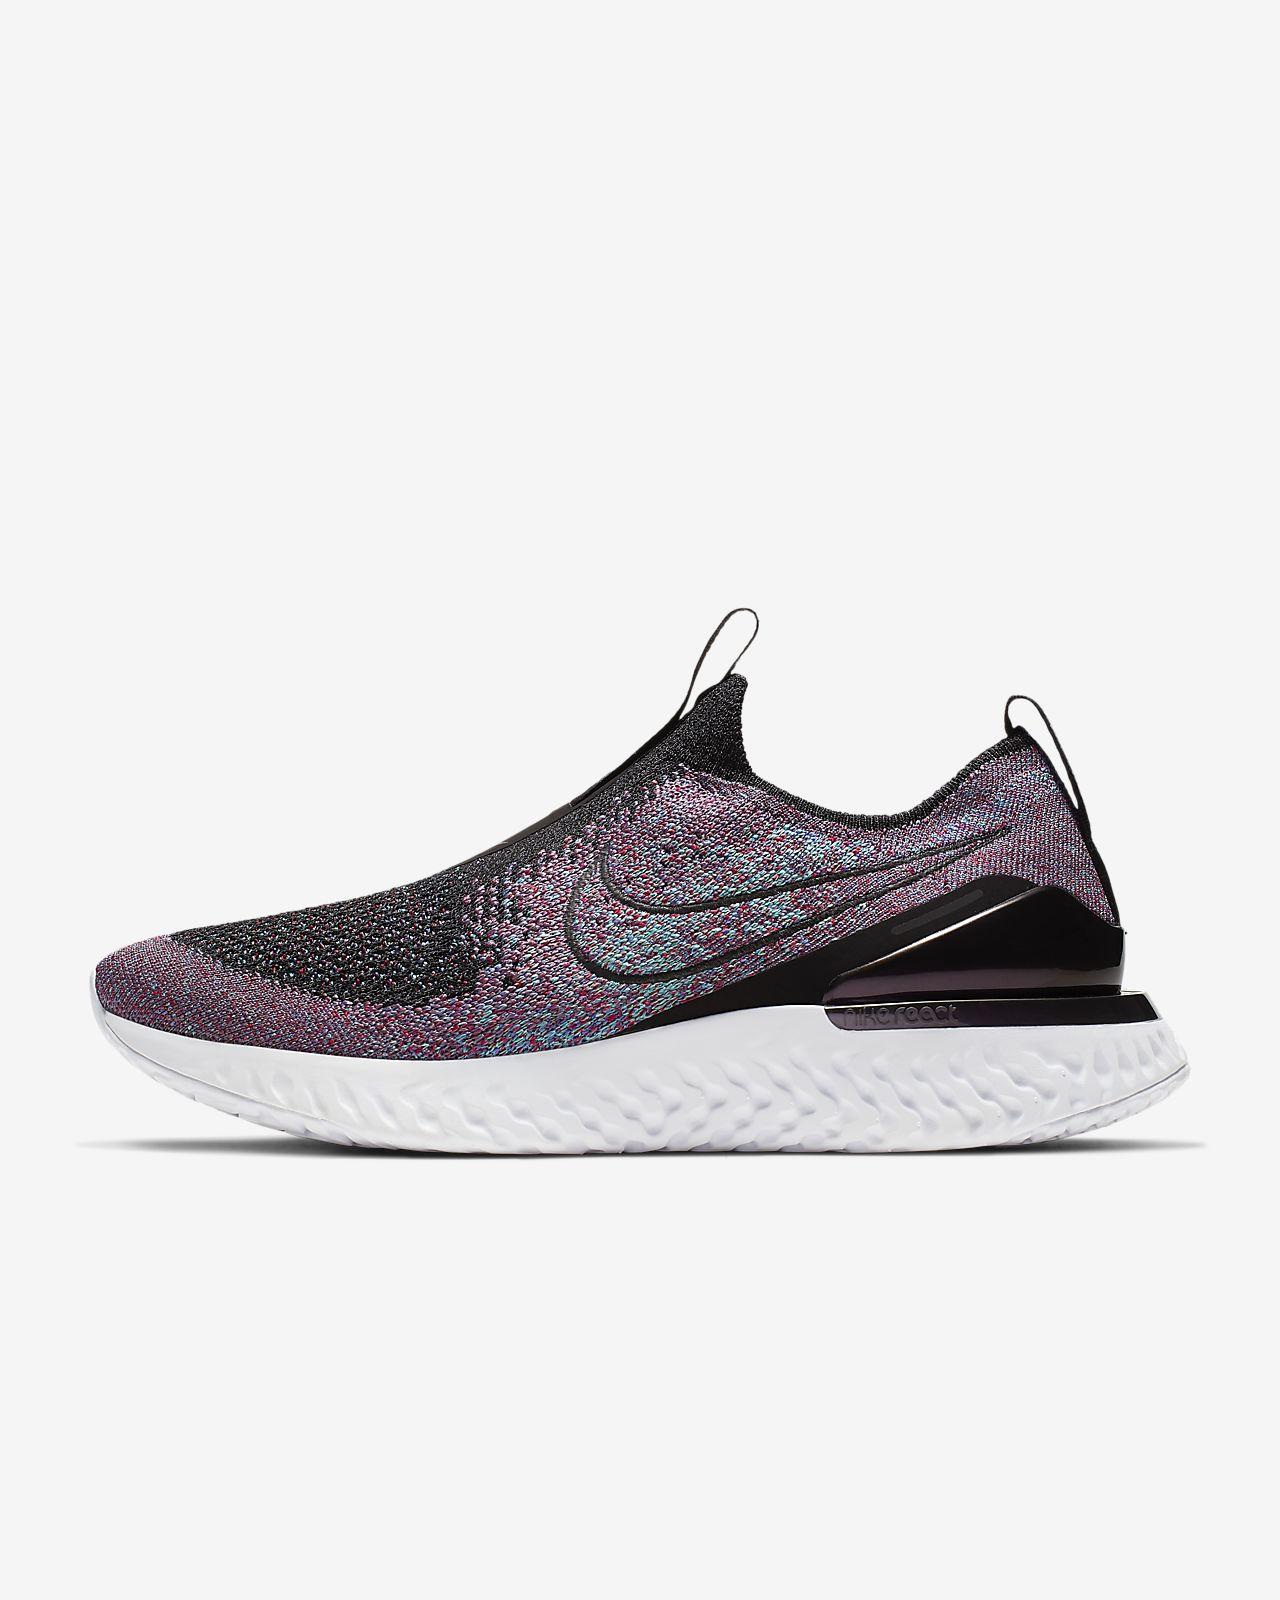 4e971335833329 Nike Epic Phantom React Damen-Laufschuh. Nike.com LU